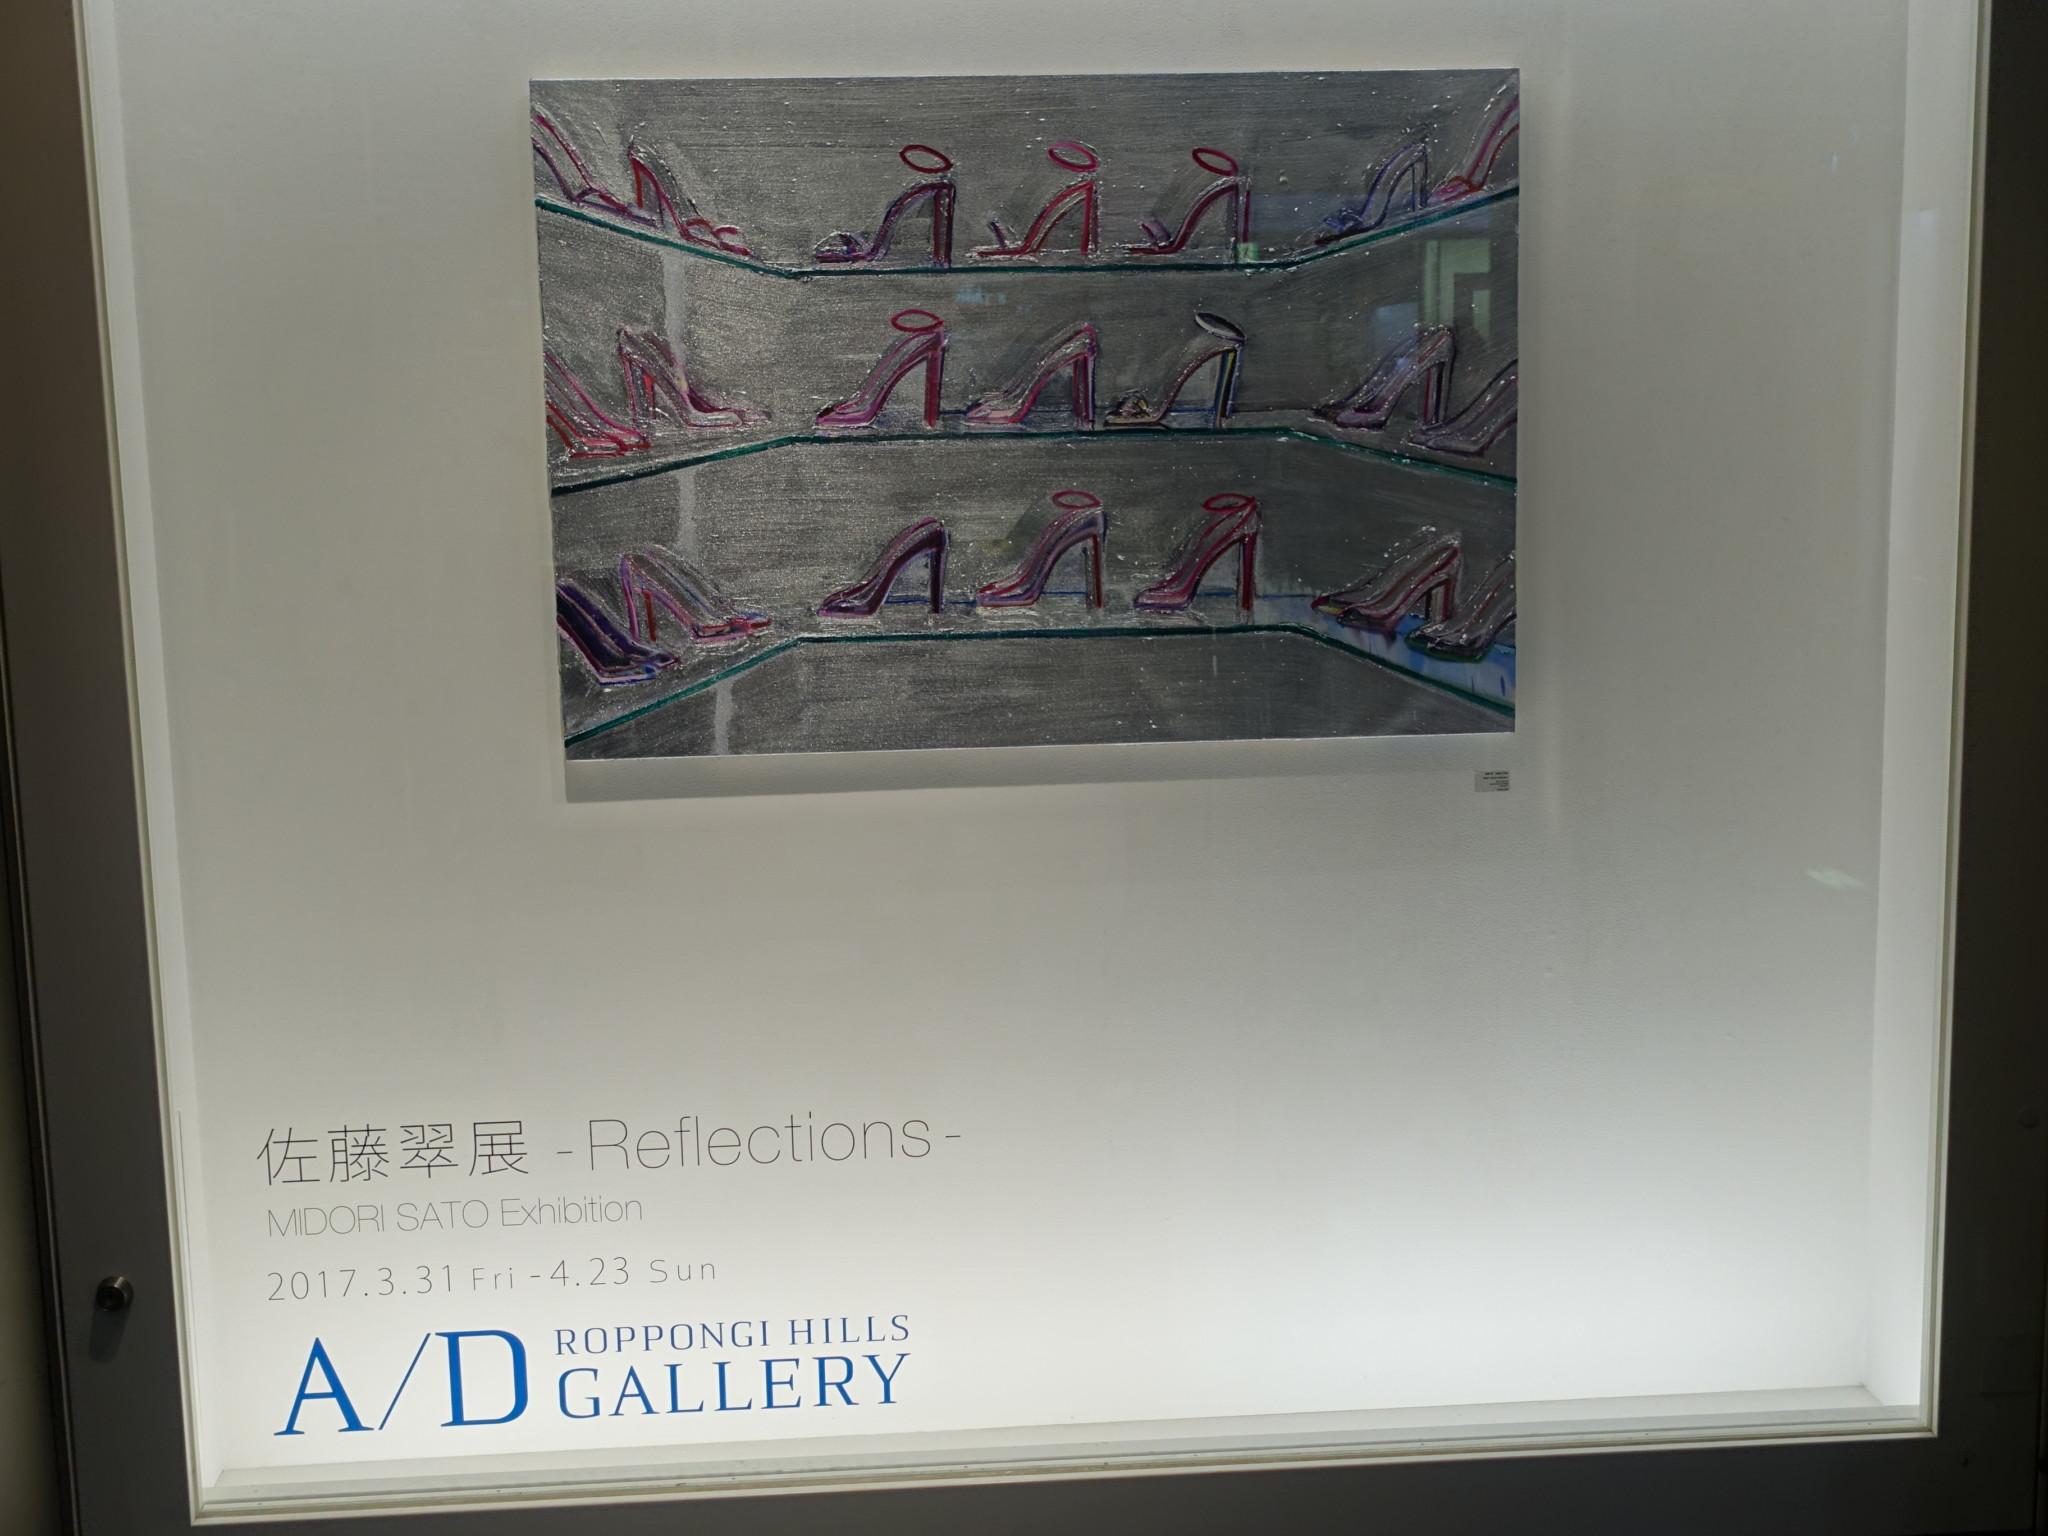 佐藤翠展 ‐Reflections‐